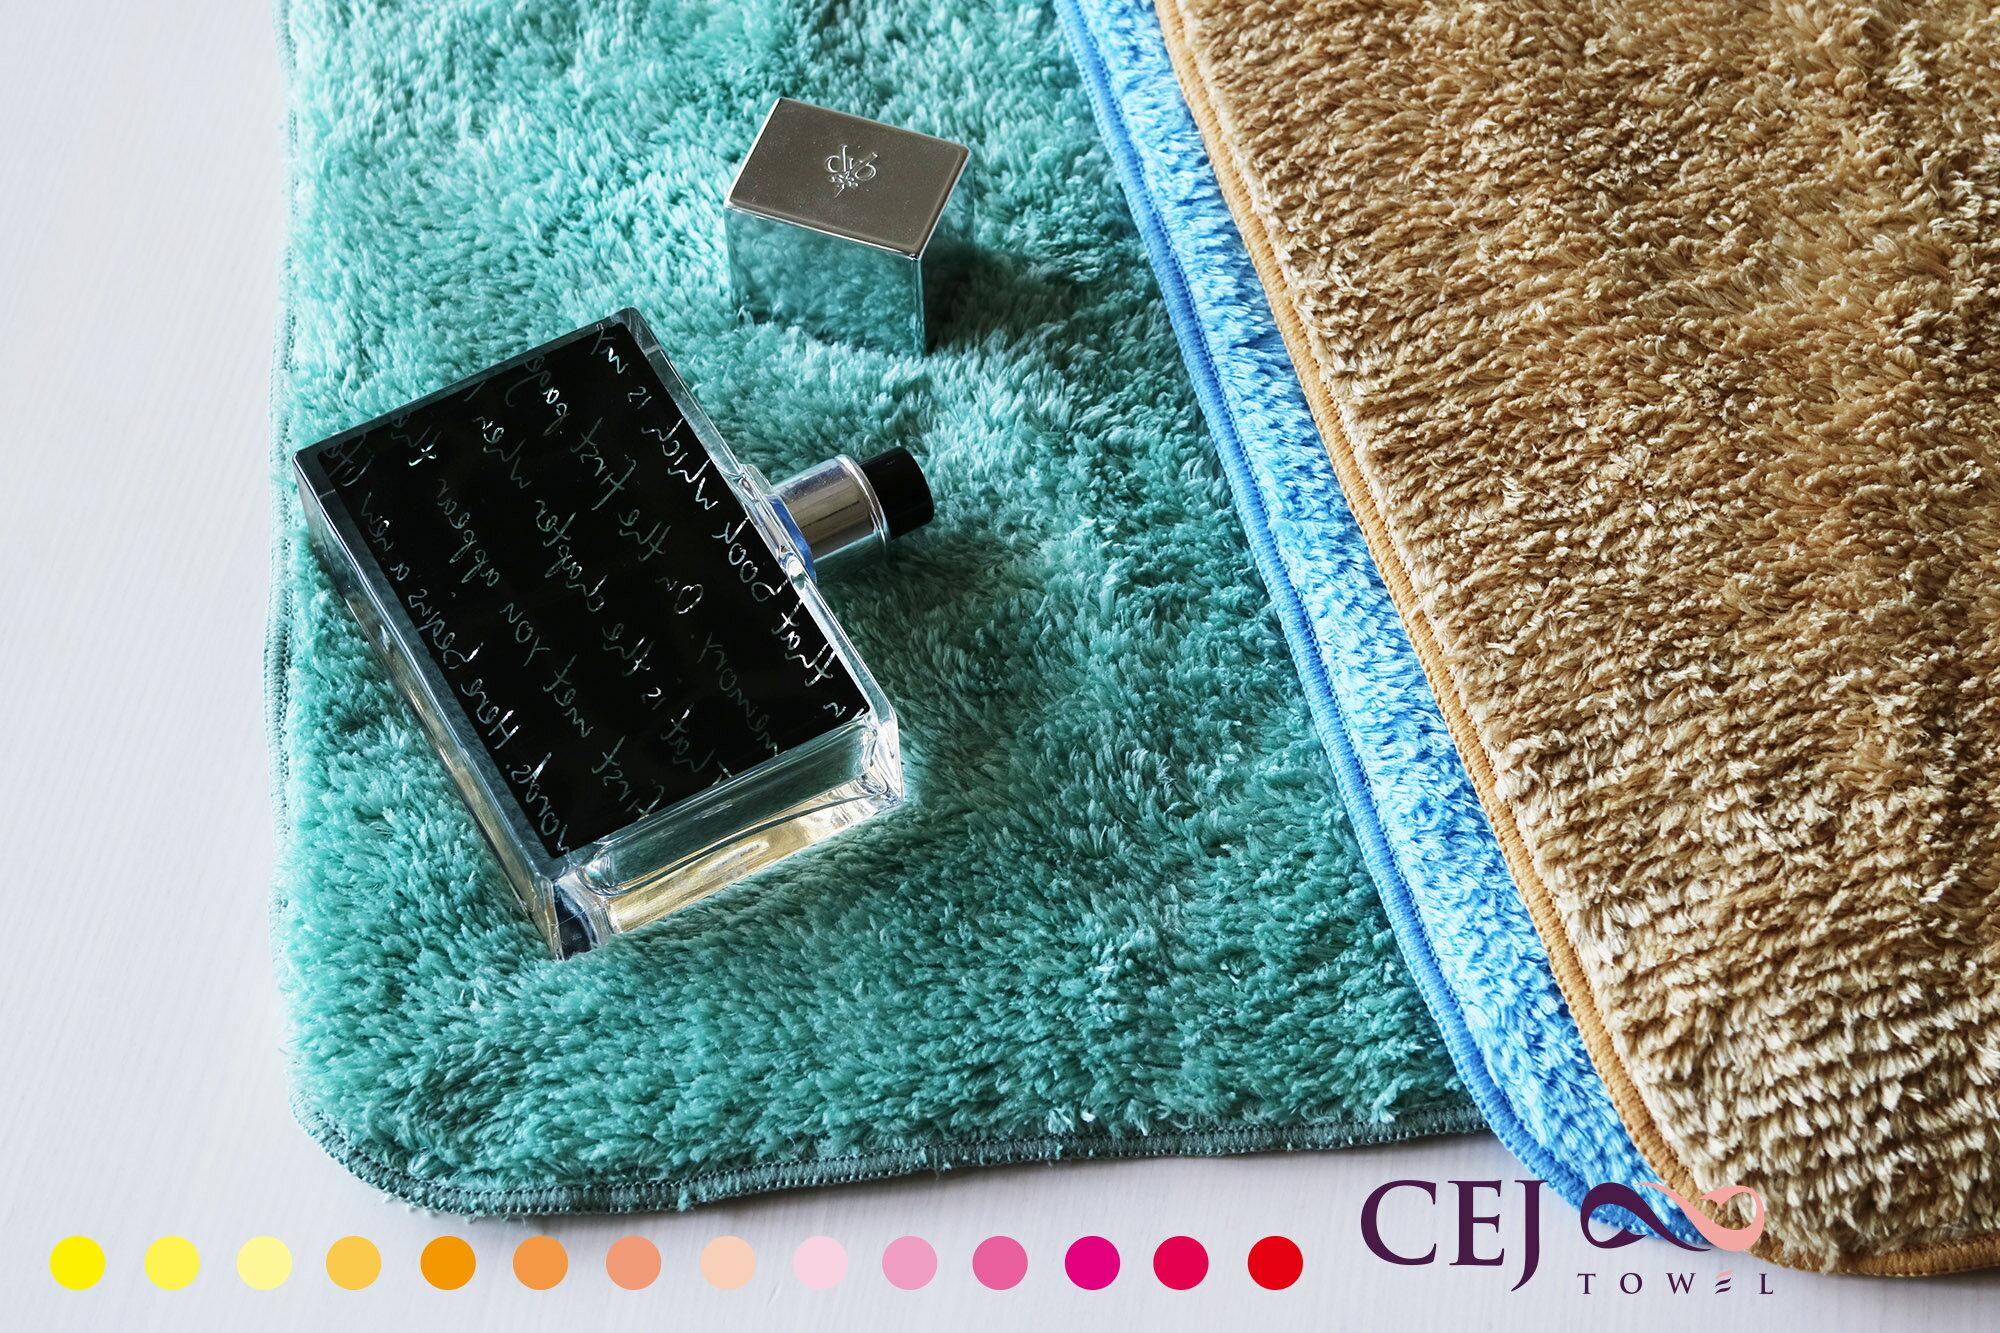 方巾|吸易潔吸水毛巾系列|洗臉方巾,柔軟不傷肌膚,瞬間吸水